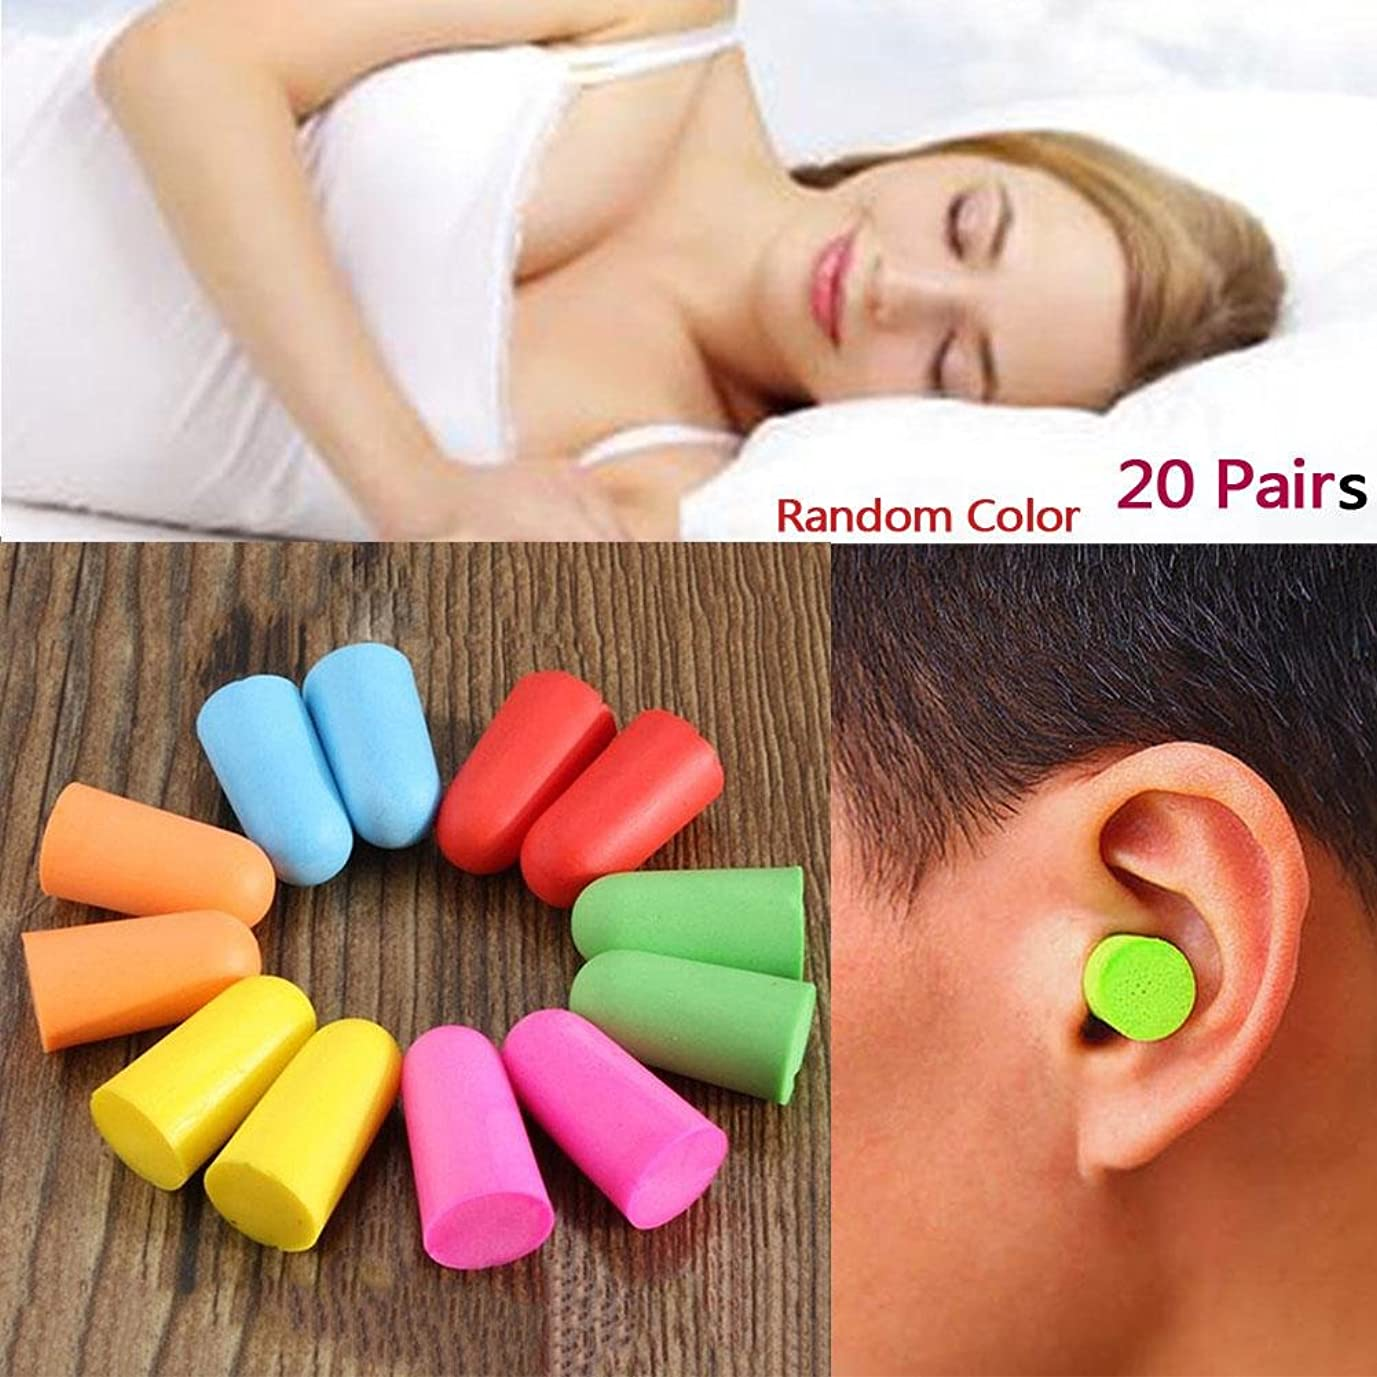 カード医師高揚したNOTE 20ペアソフトクラシック泡耳栓旅行睡眠騒音低減防止耳栓遮音耳保護